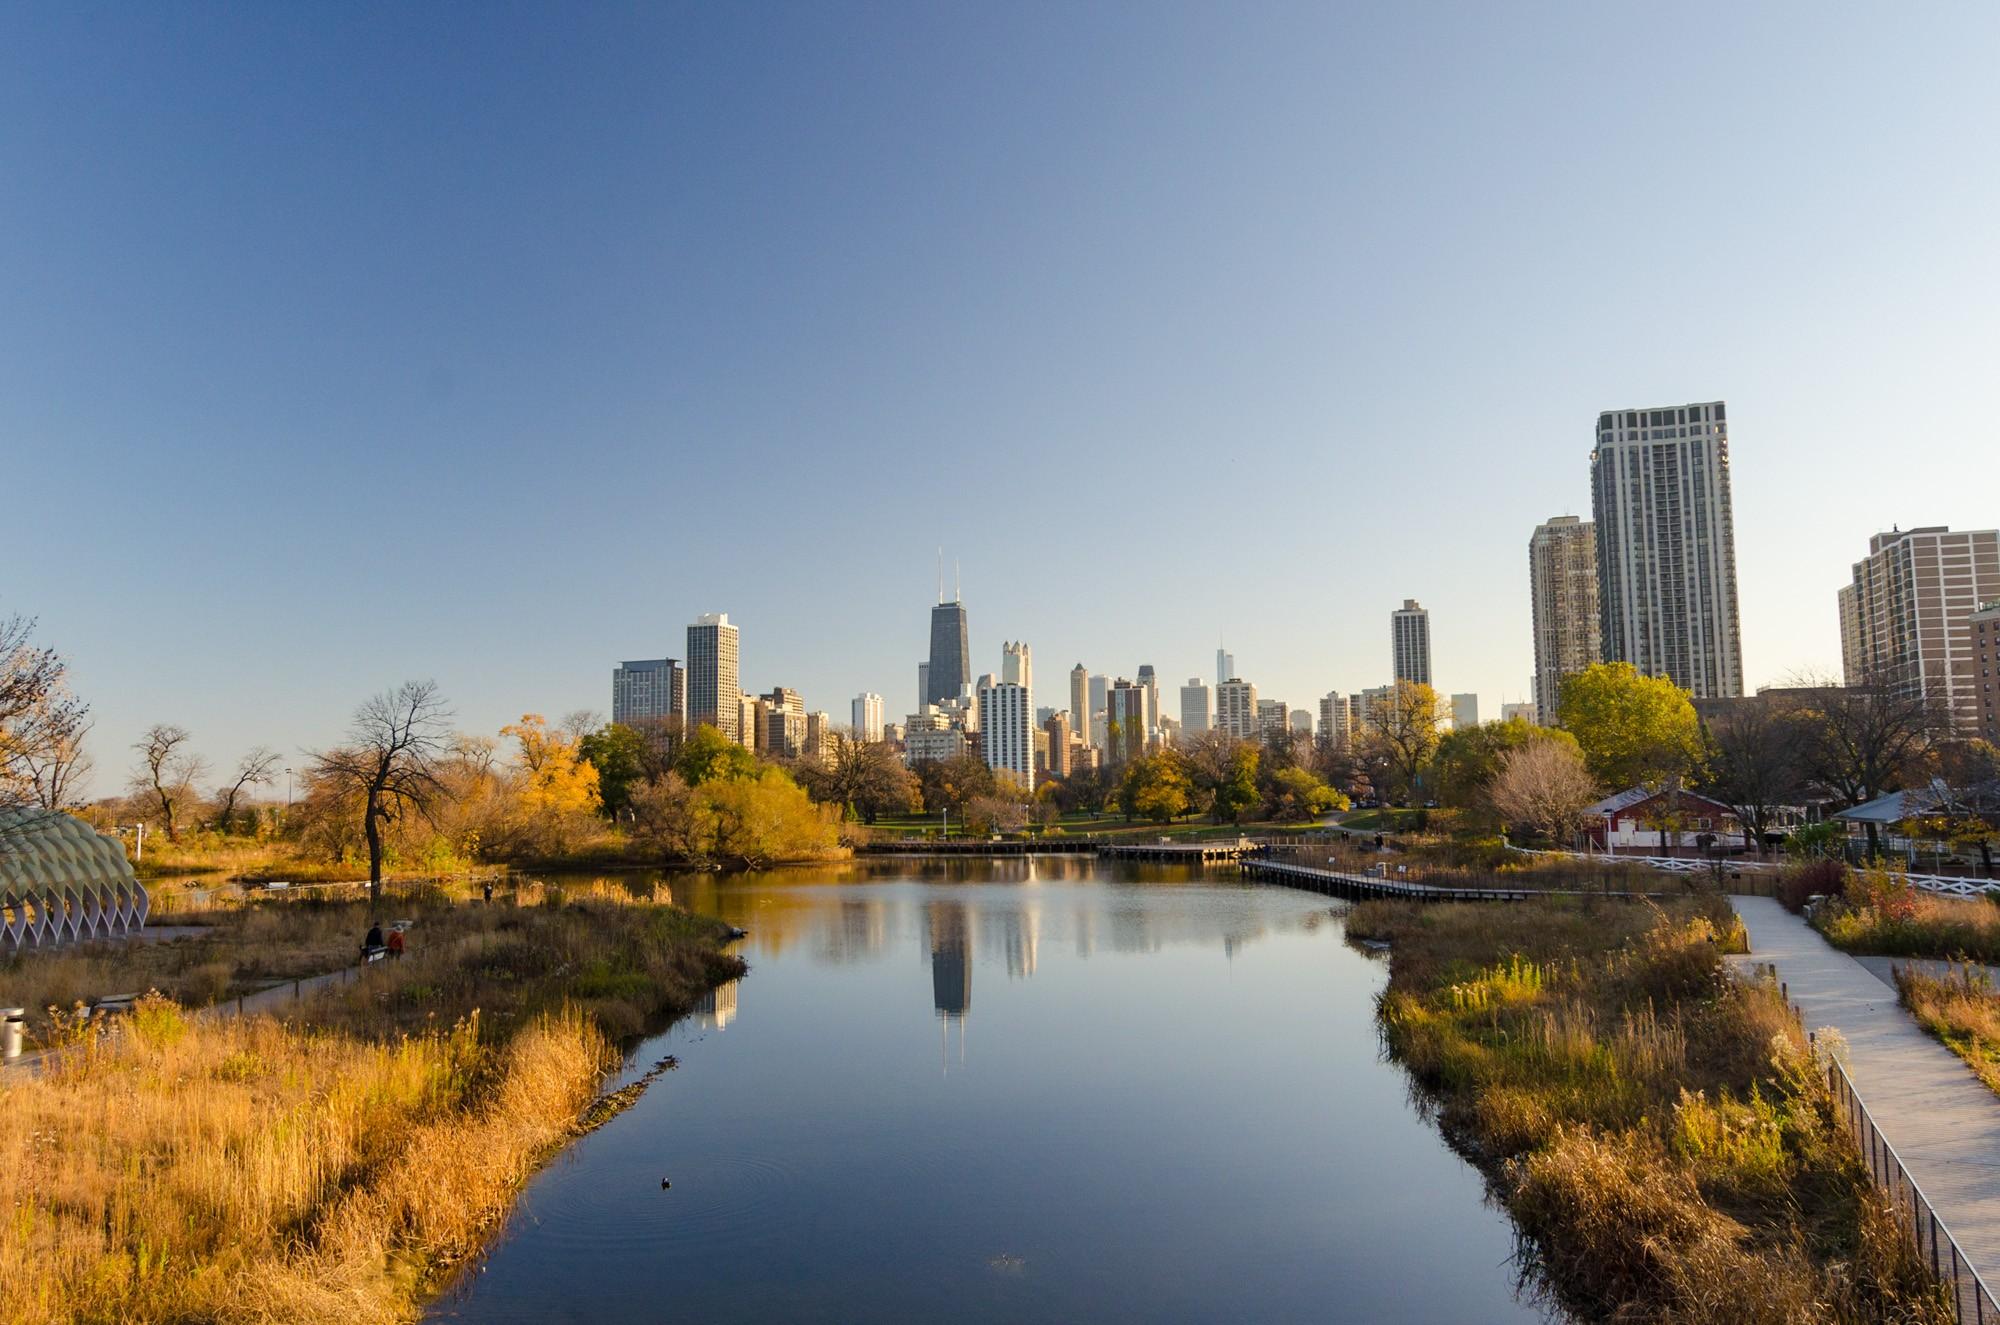 7 Best Views In Chicago · Chicago Architecture Center